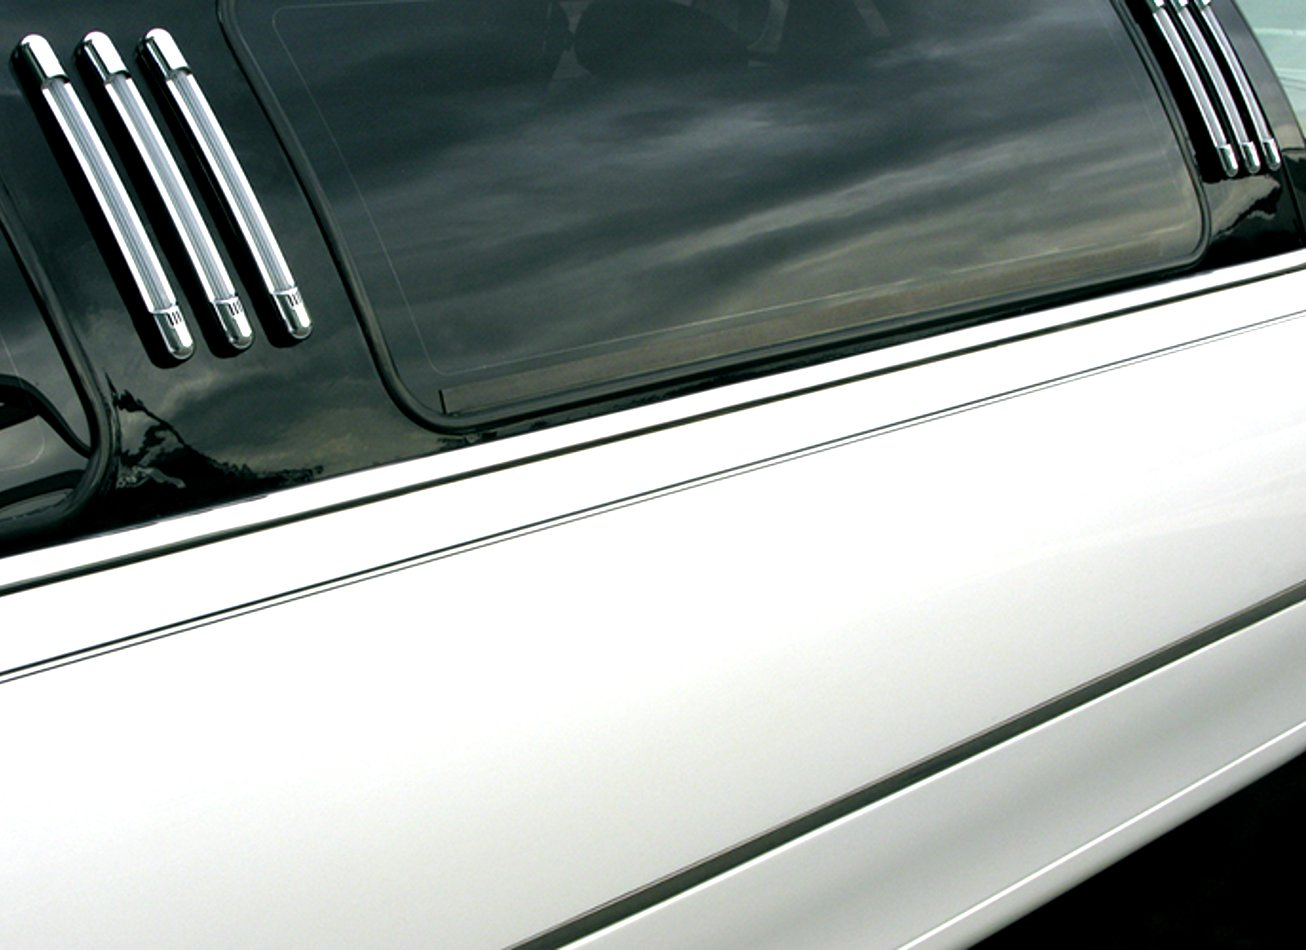 Transfert de l'aéroport de Berlin en limousine limo activites vimigo